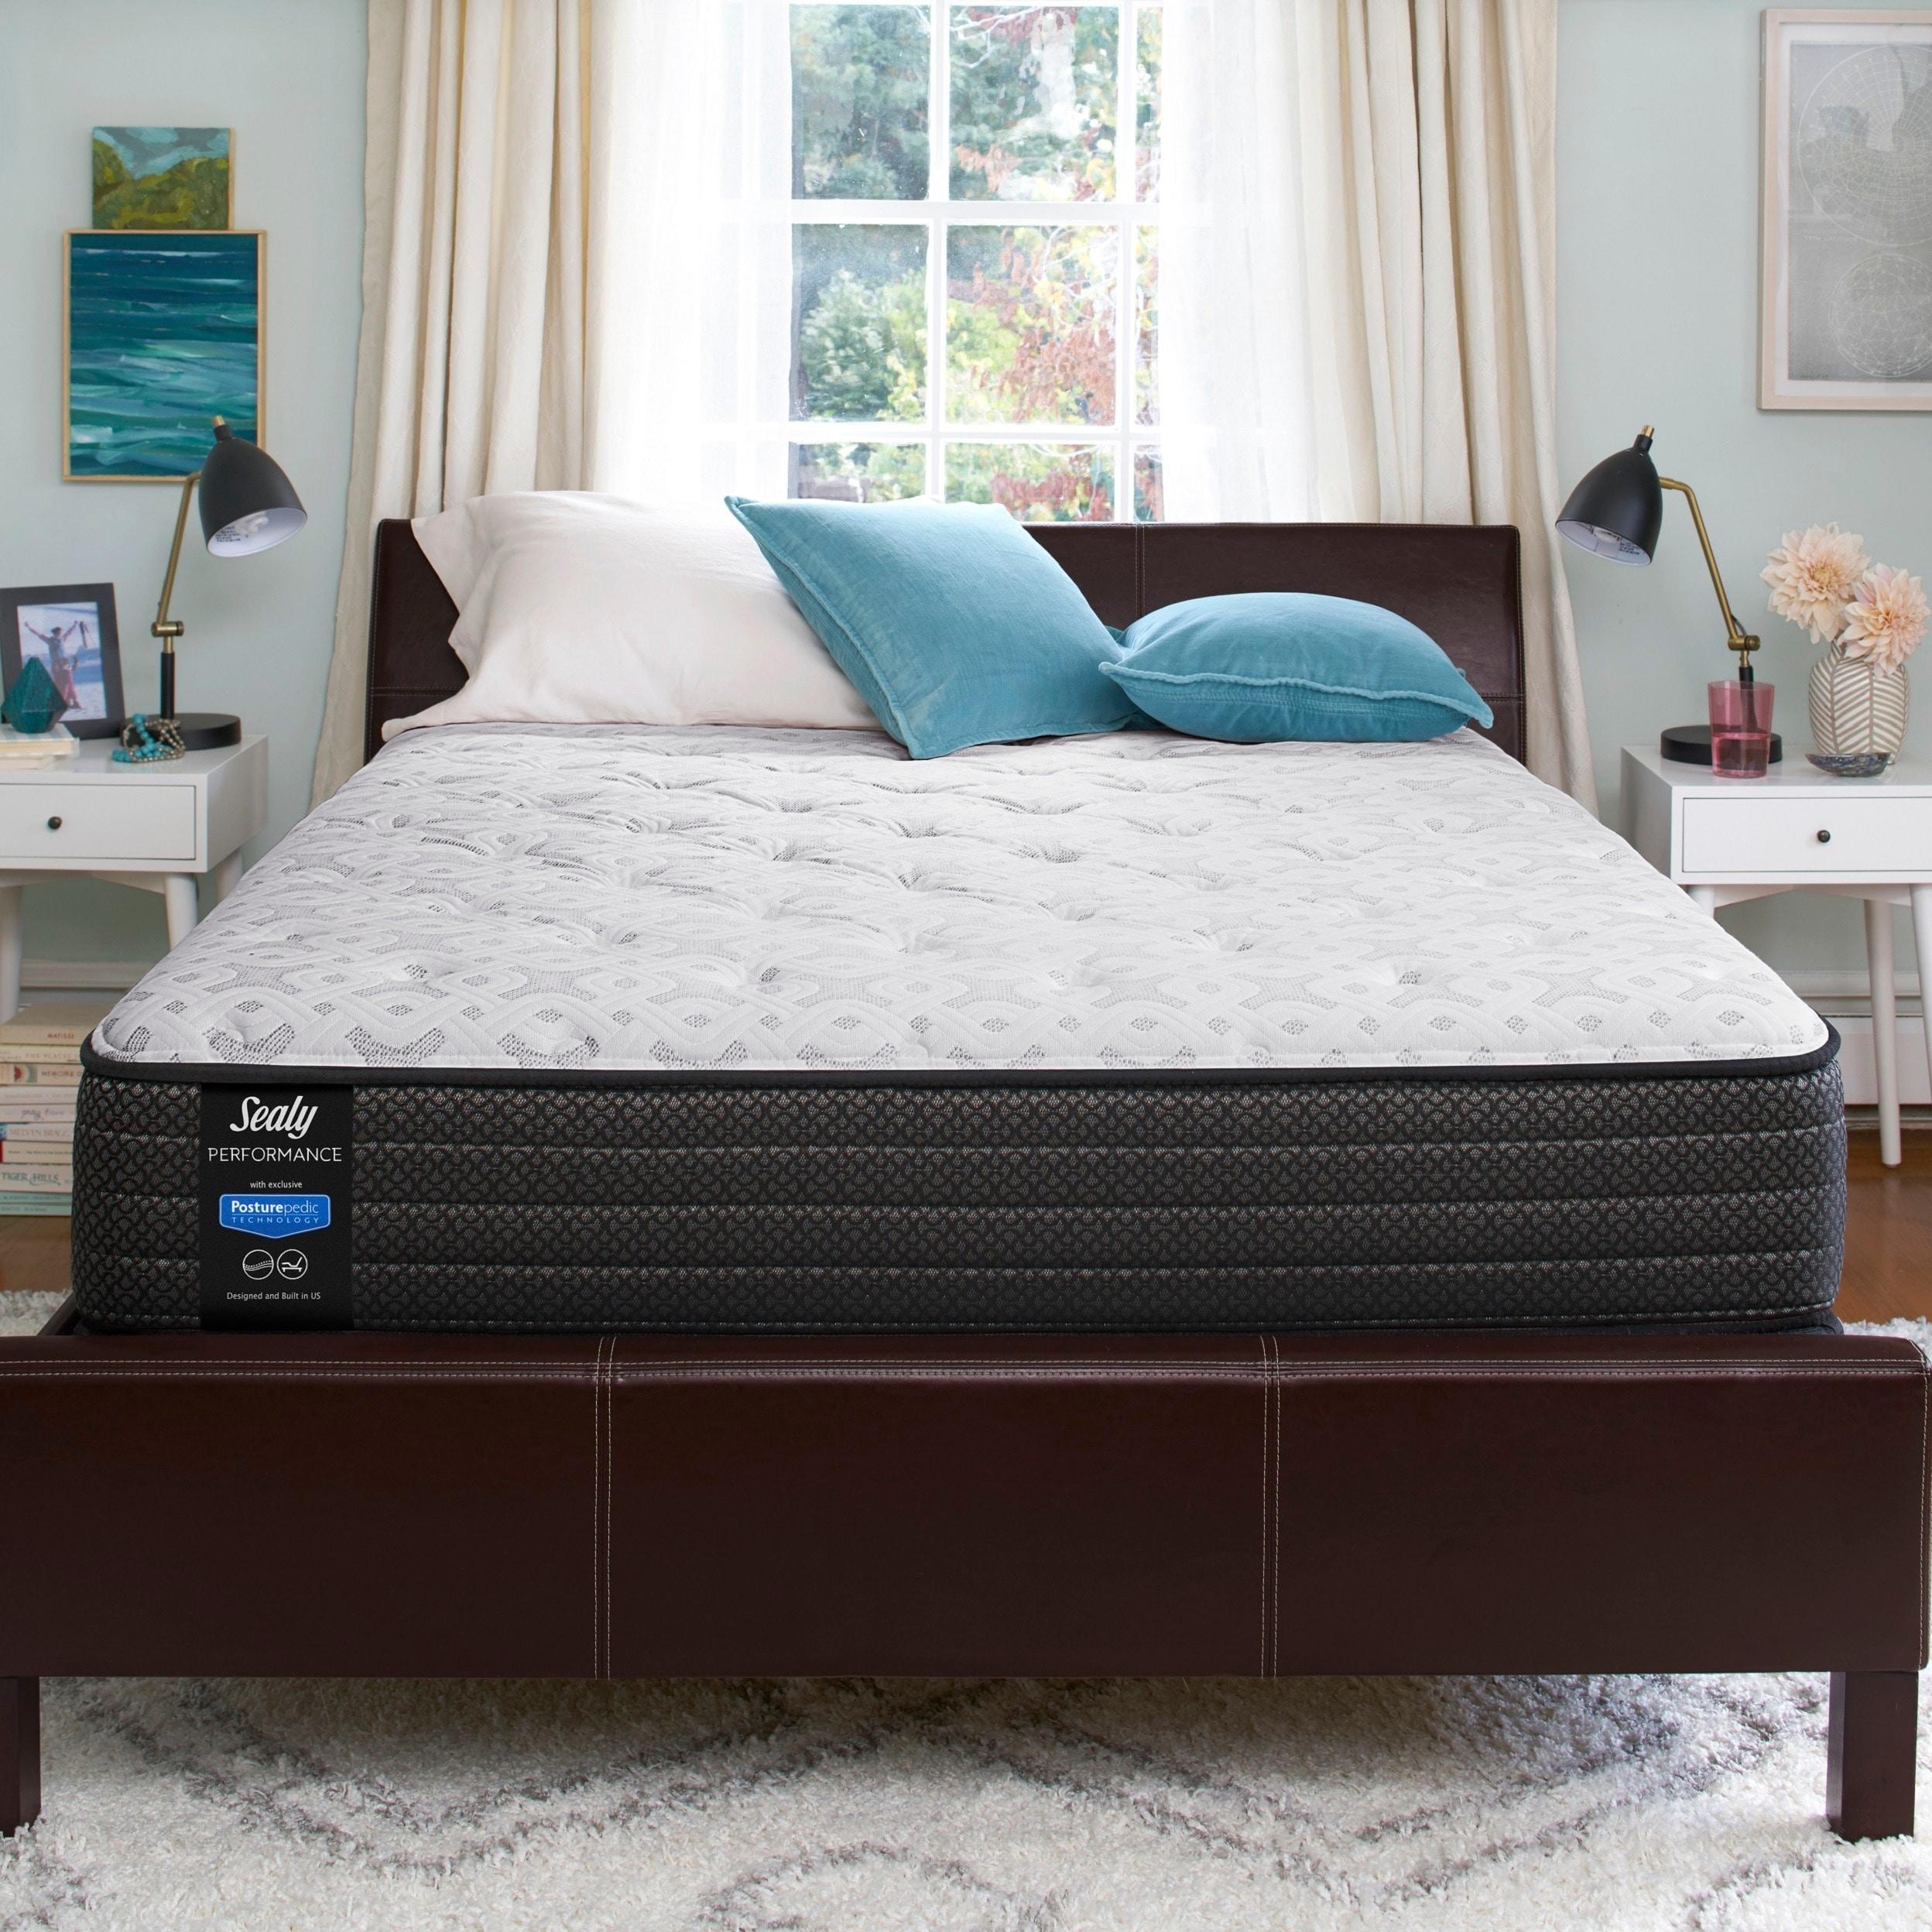 Sealy optimum mattress firm Beds & Accessories